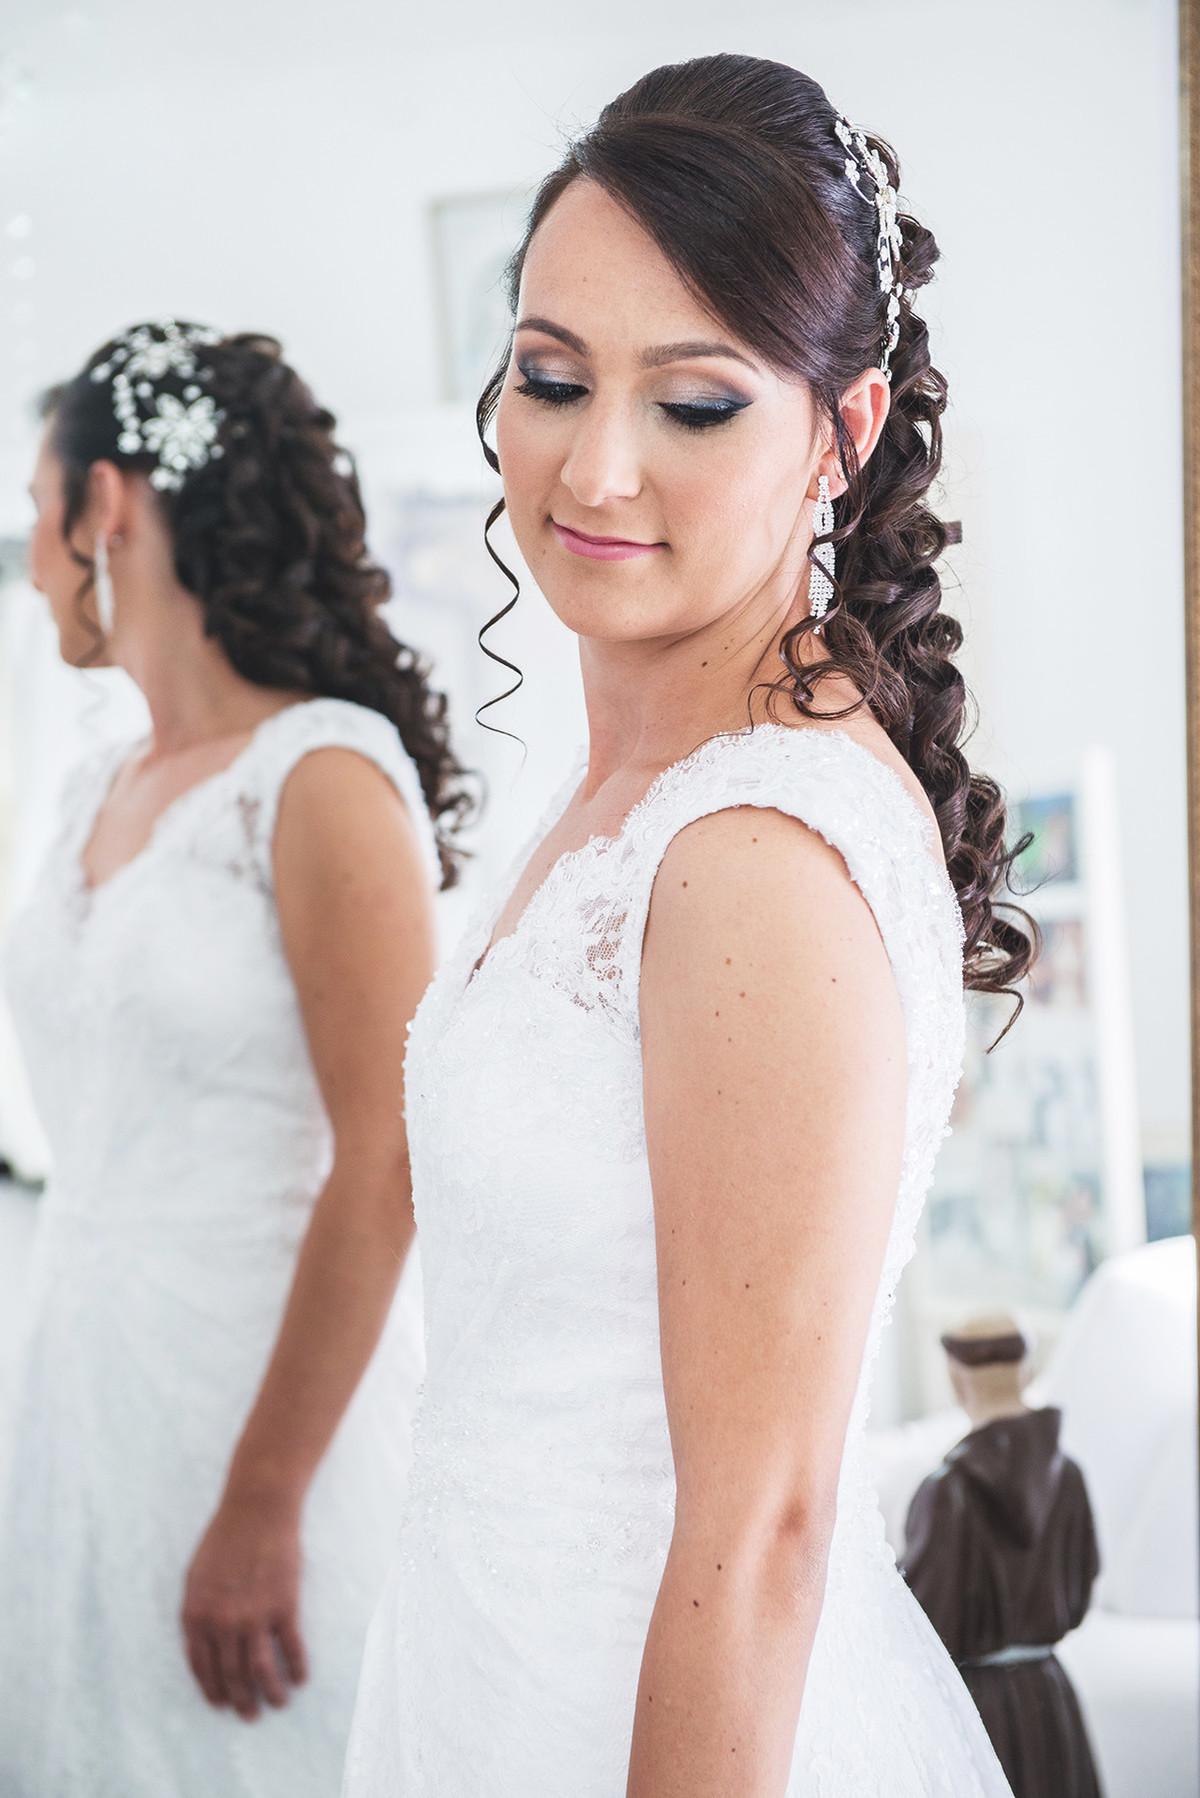 Noiva conferindo o vestido na frente do espelho antes da cerimônia de casamento.